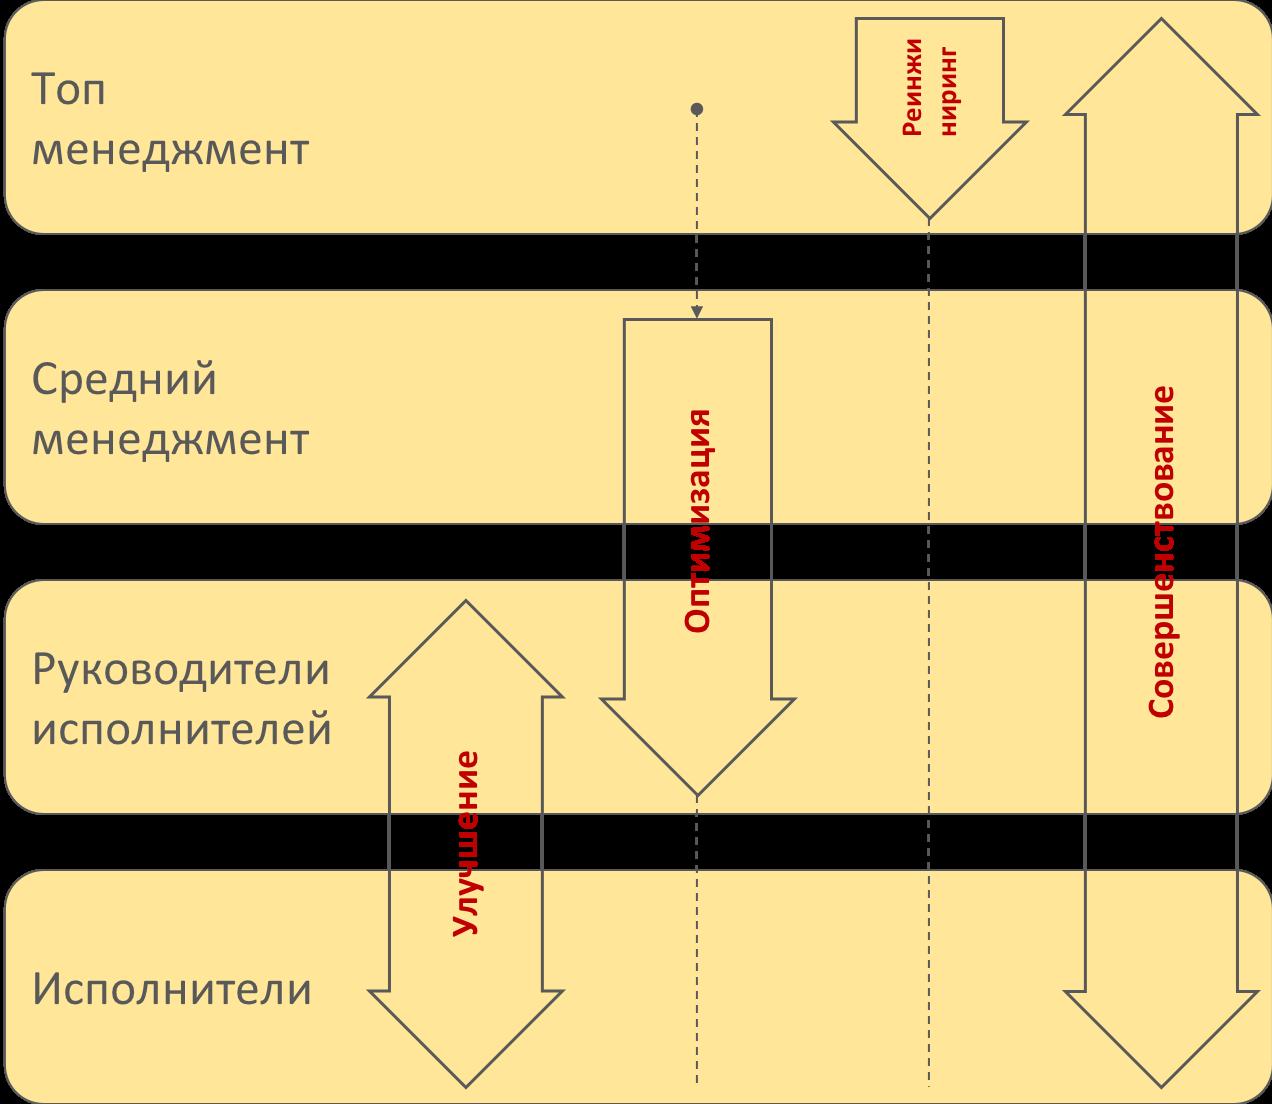 Совершенствование бизнес процессов - иерархия управления